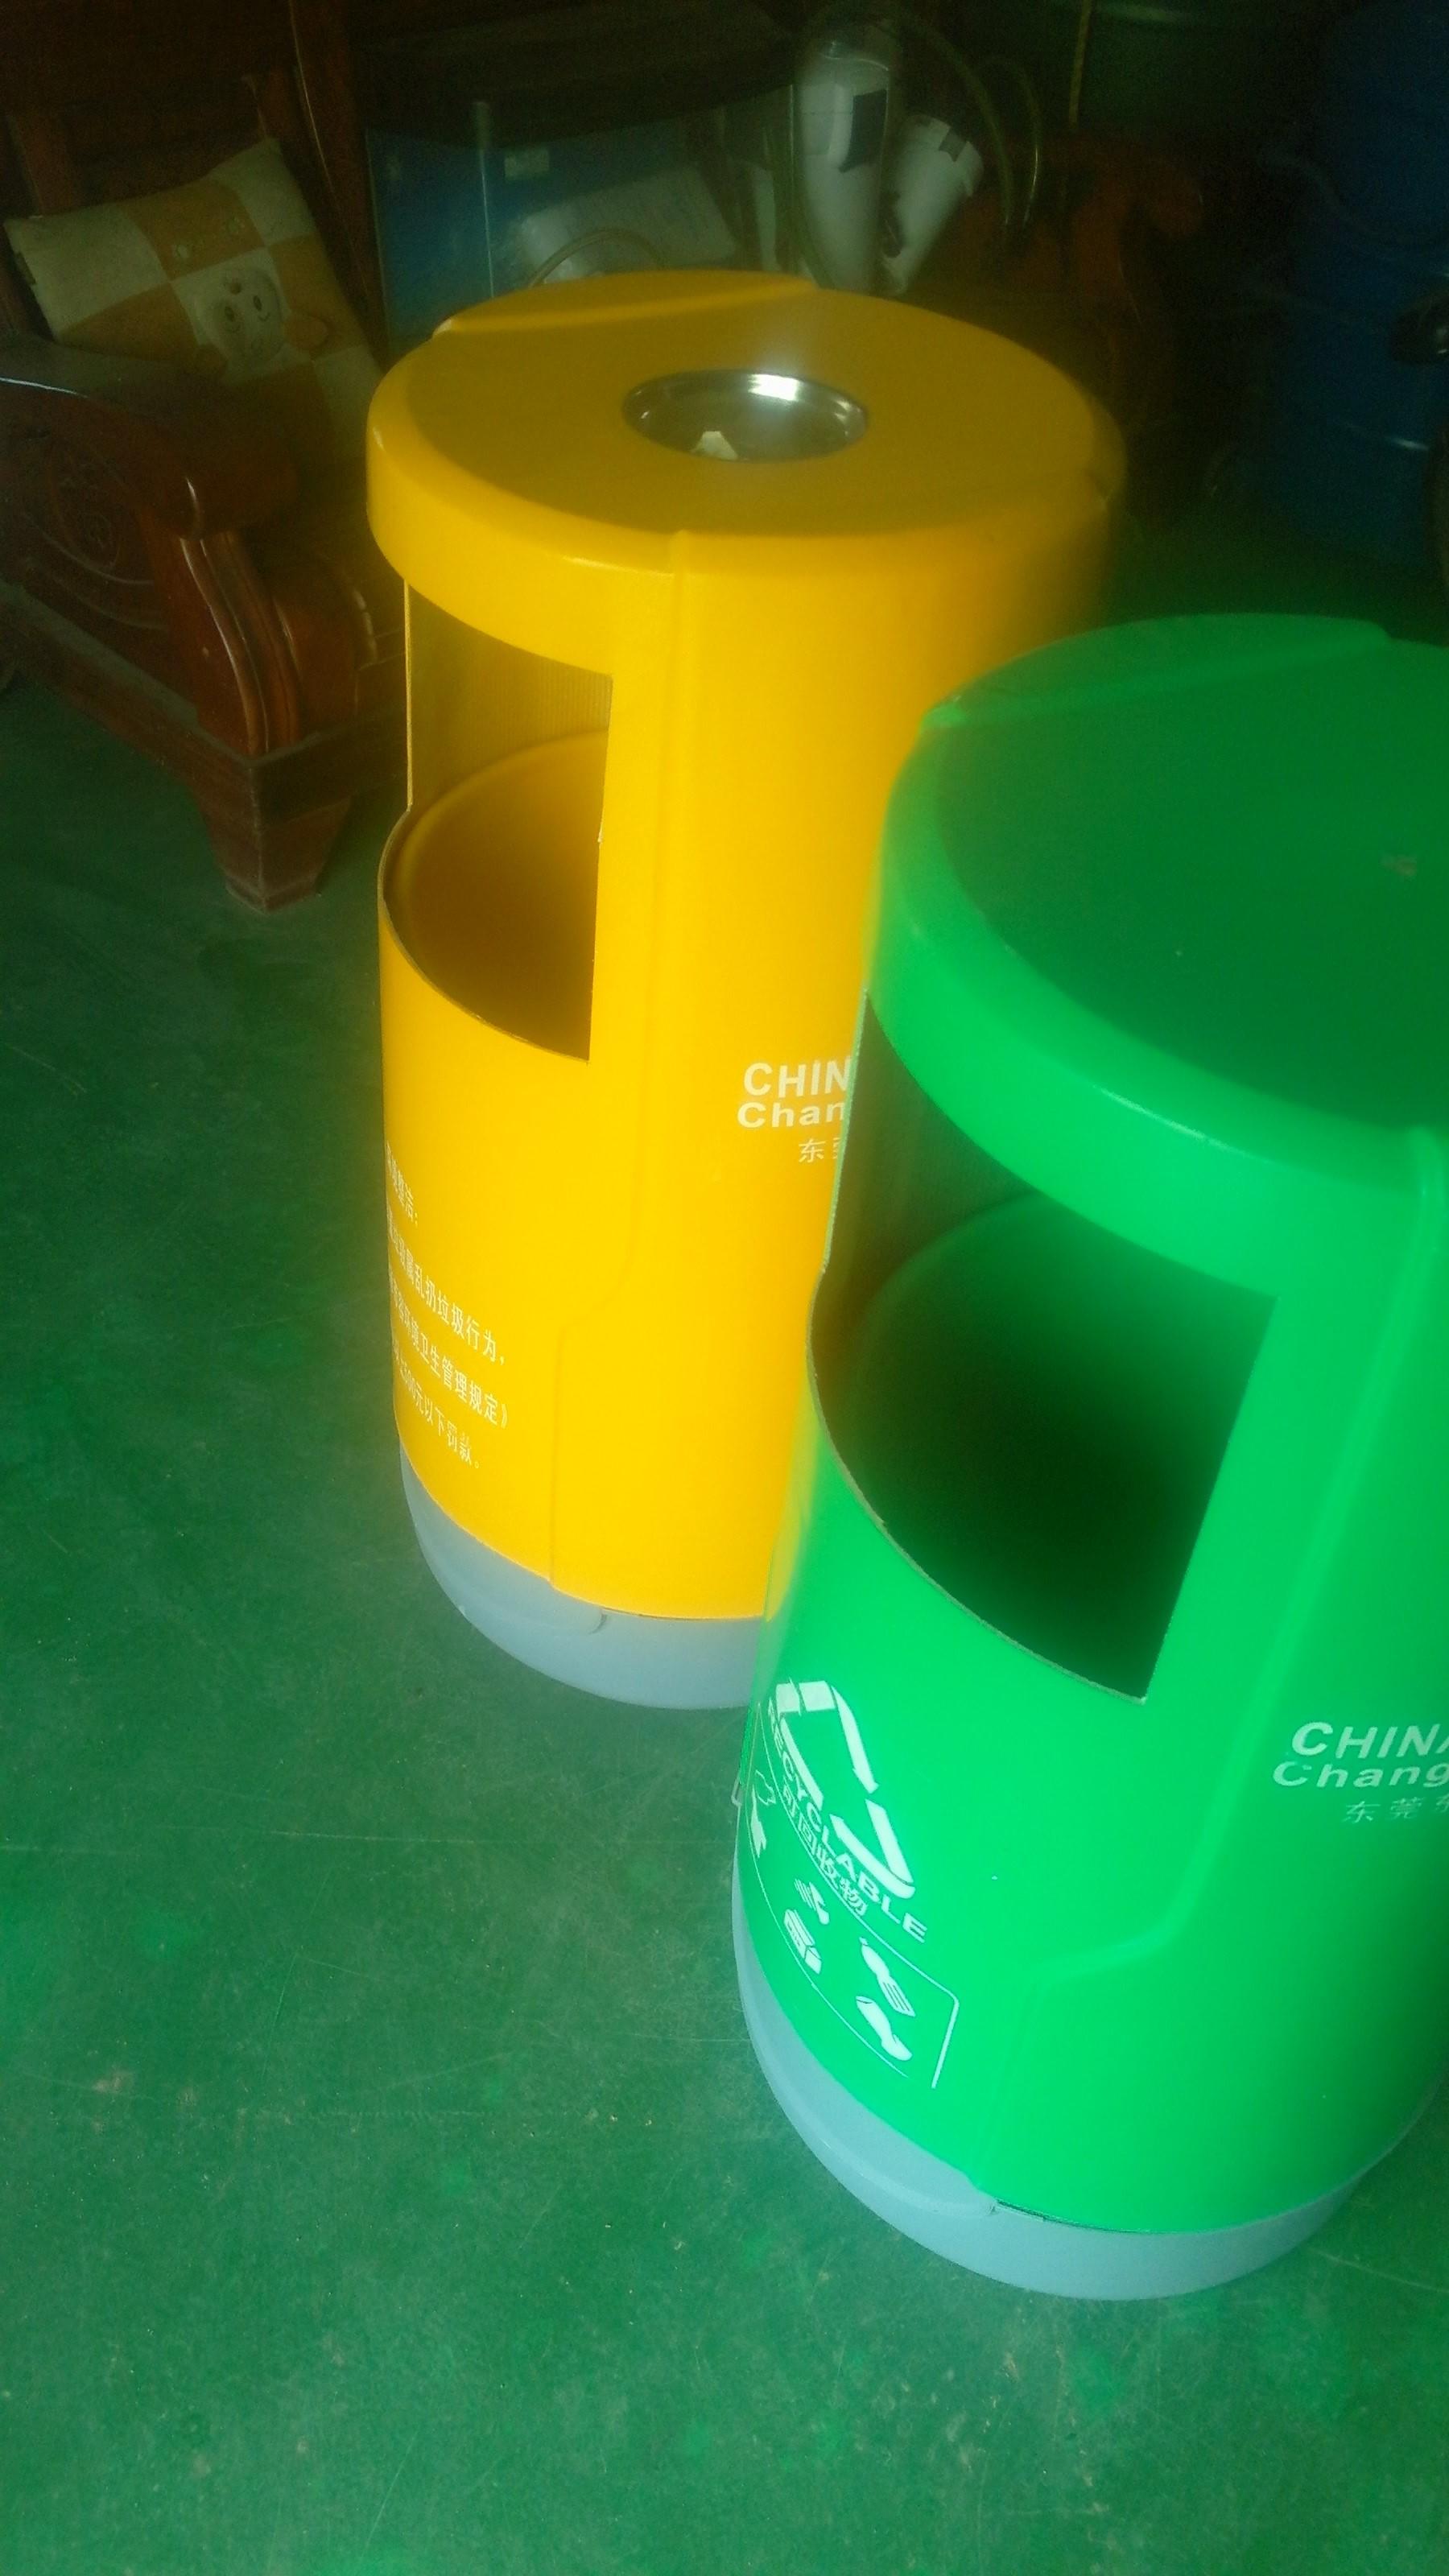 新款卫生桶,垃圾桶,玻璃钢卫生桶,分类玻璃钢垃圾桶圆桶